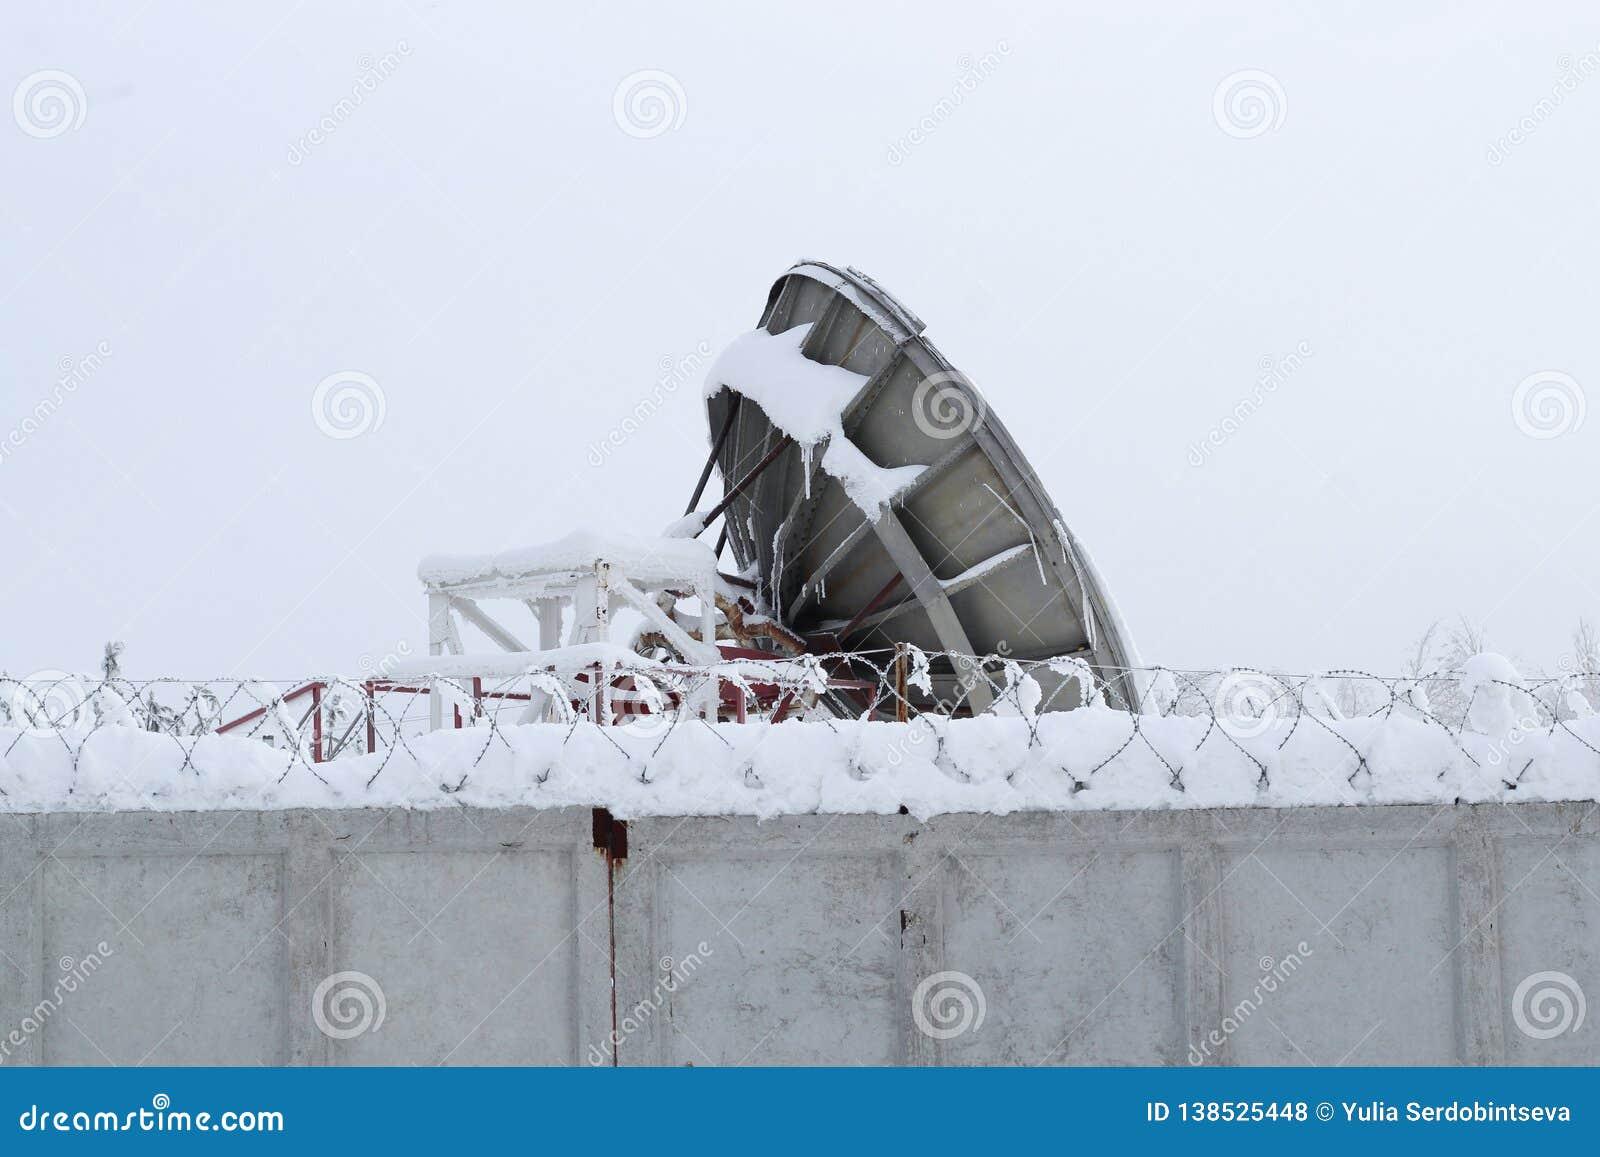 巨大的卫星盘是在有铁丝网的灰色篱芭后